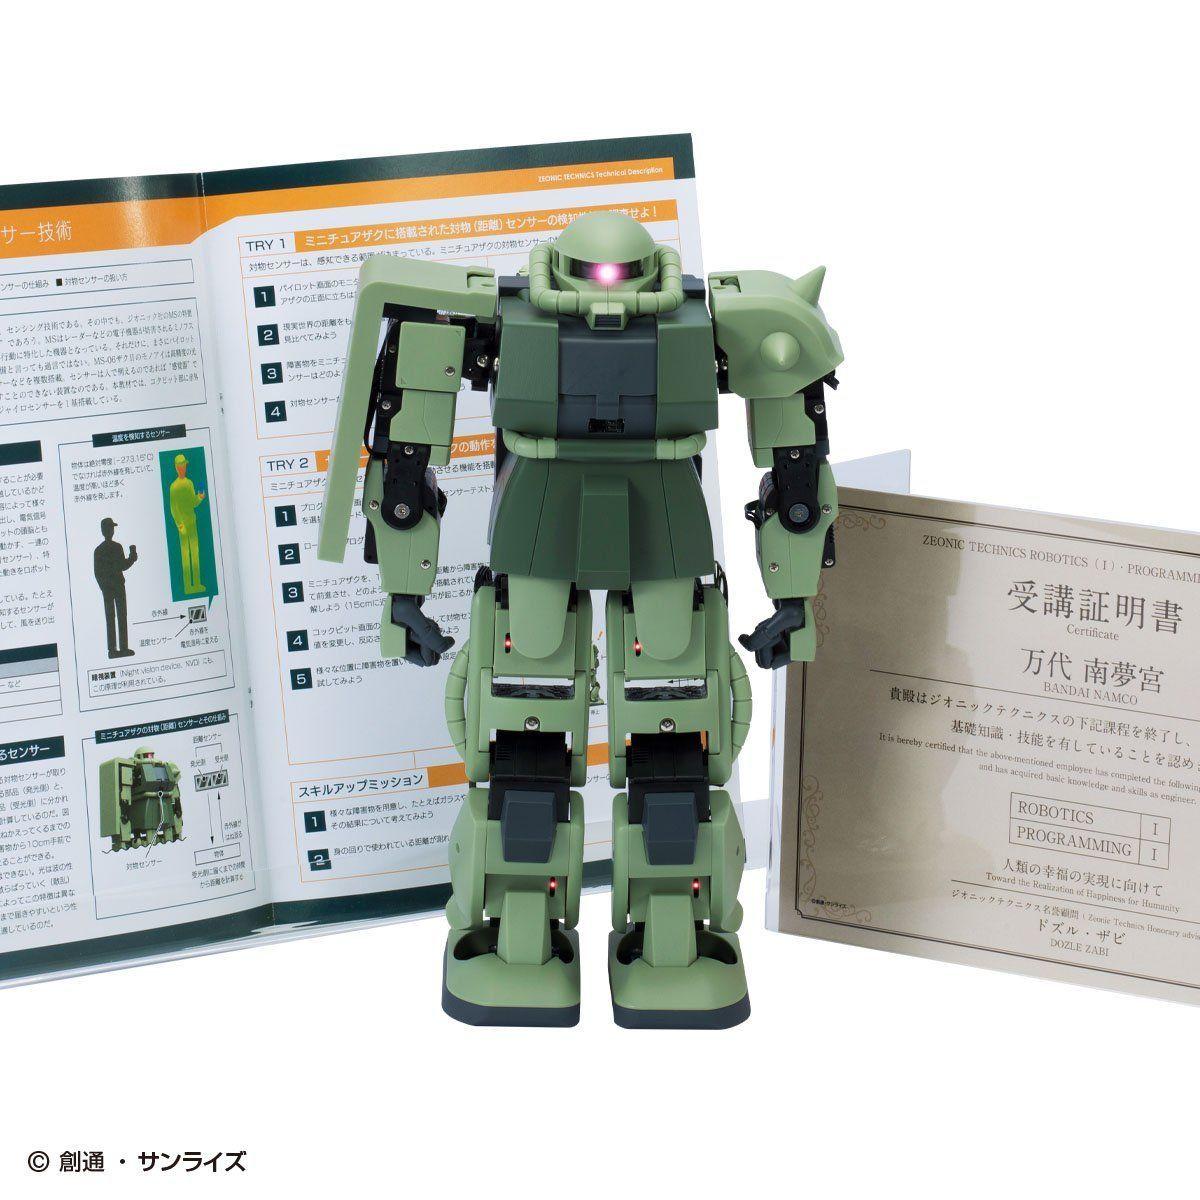 【限定販売】ジオニック社公式MS講習コース『EONIC TECHNICS(ジオニックテクニクス) Robotics and Programming CourseI』STEM学習教材-008